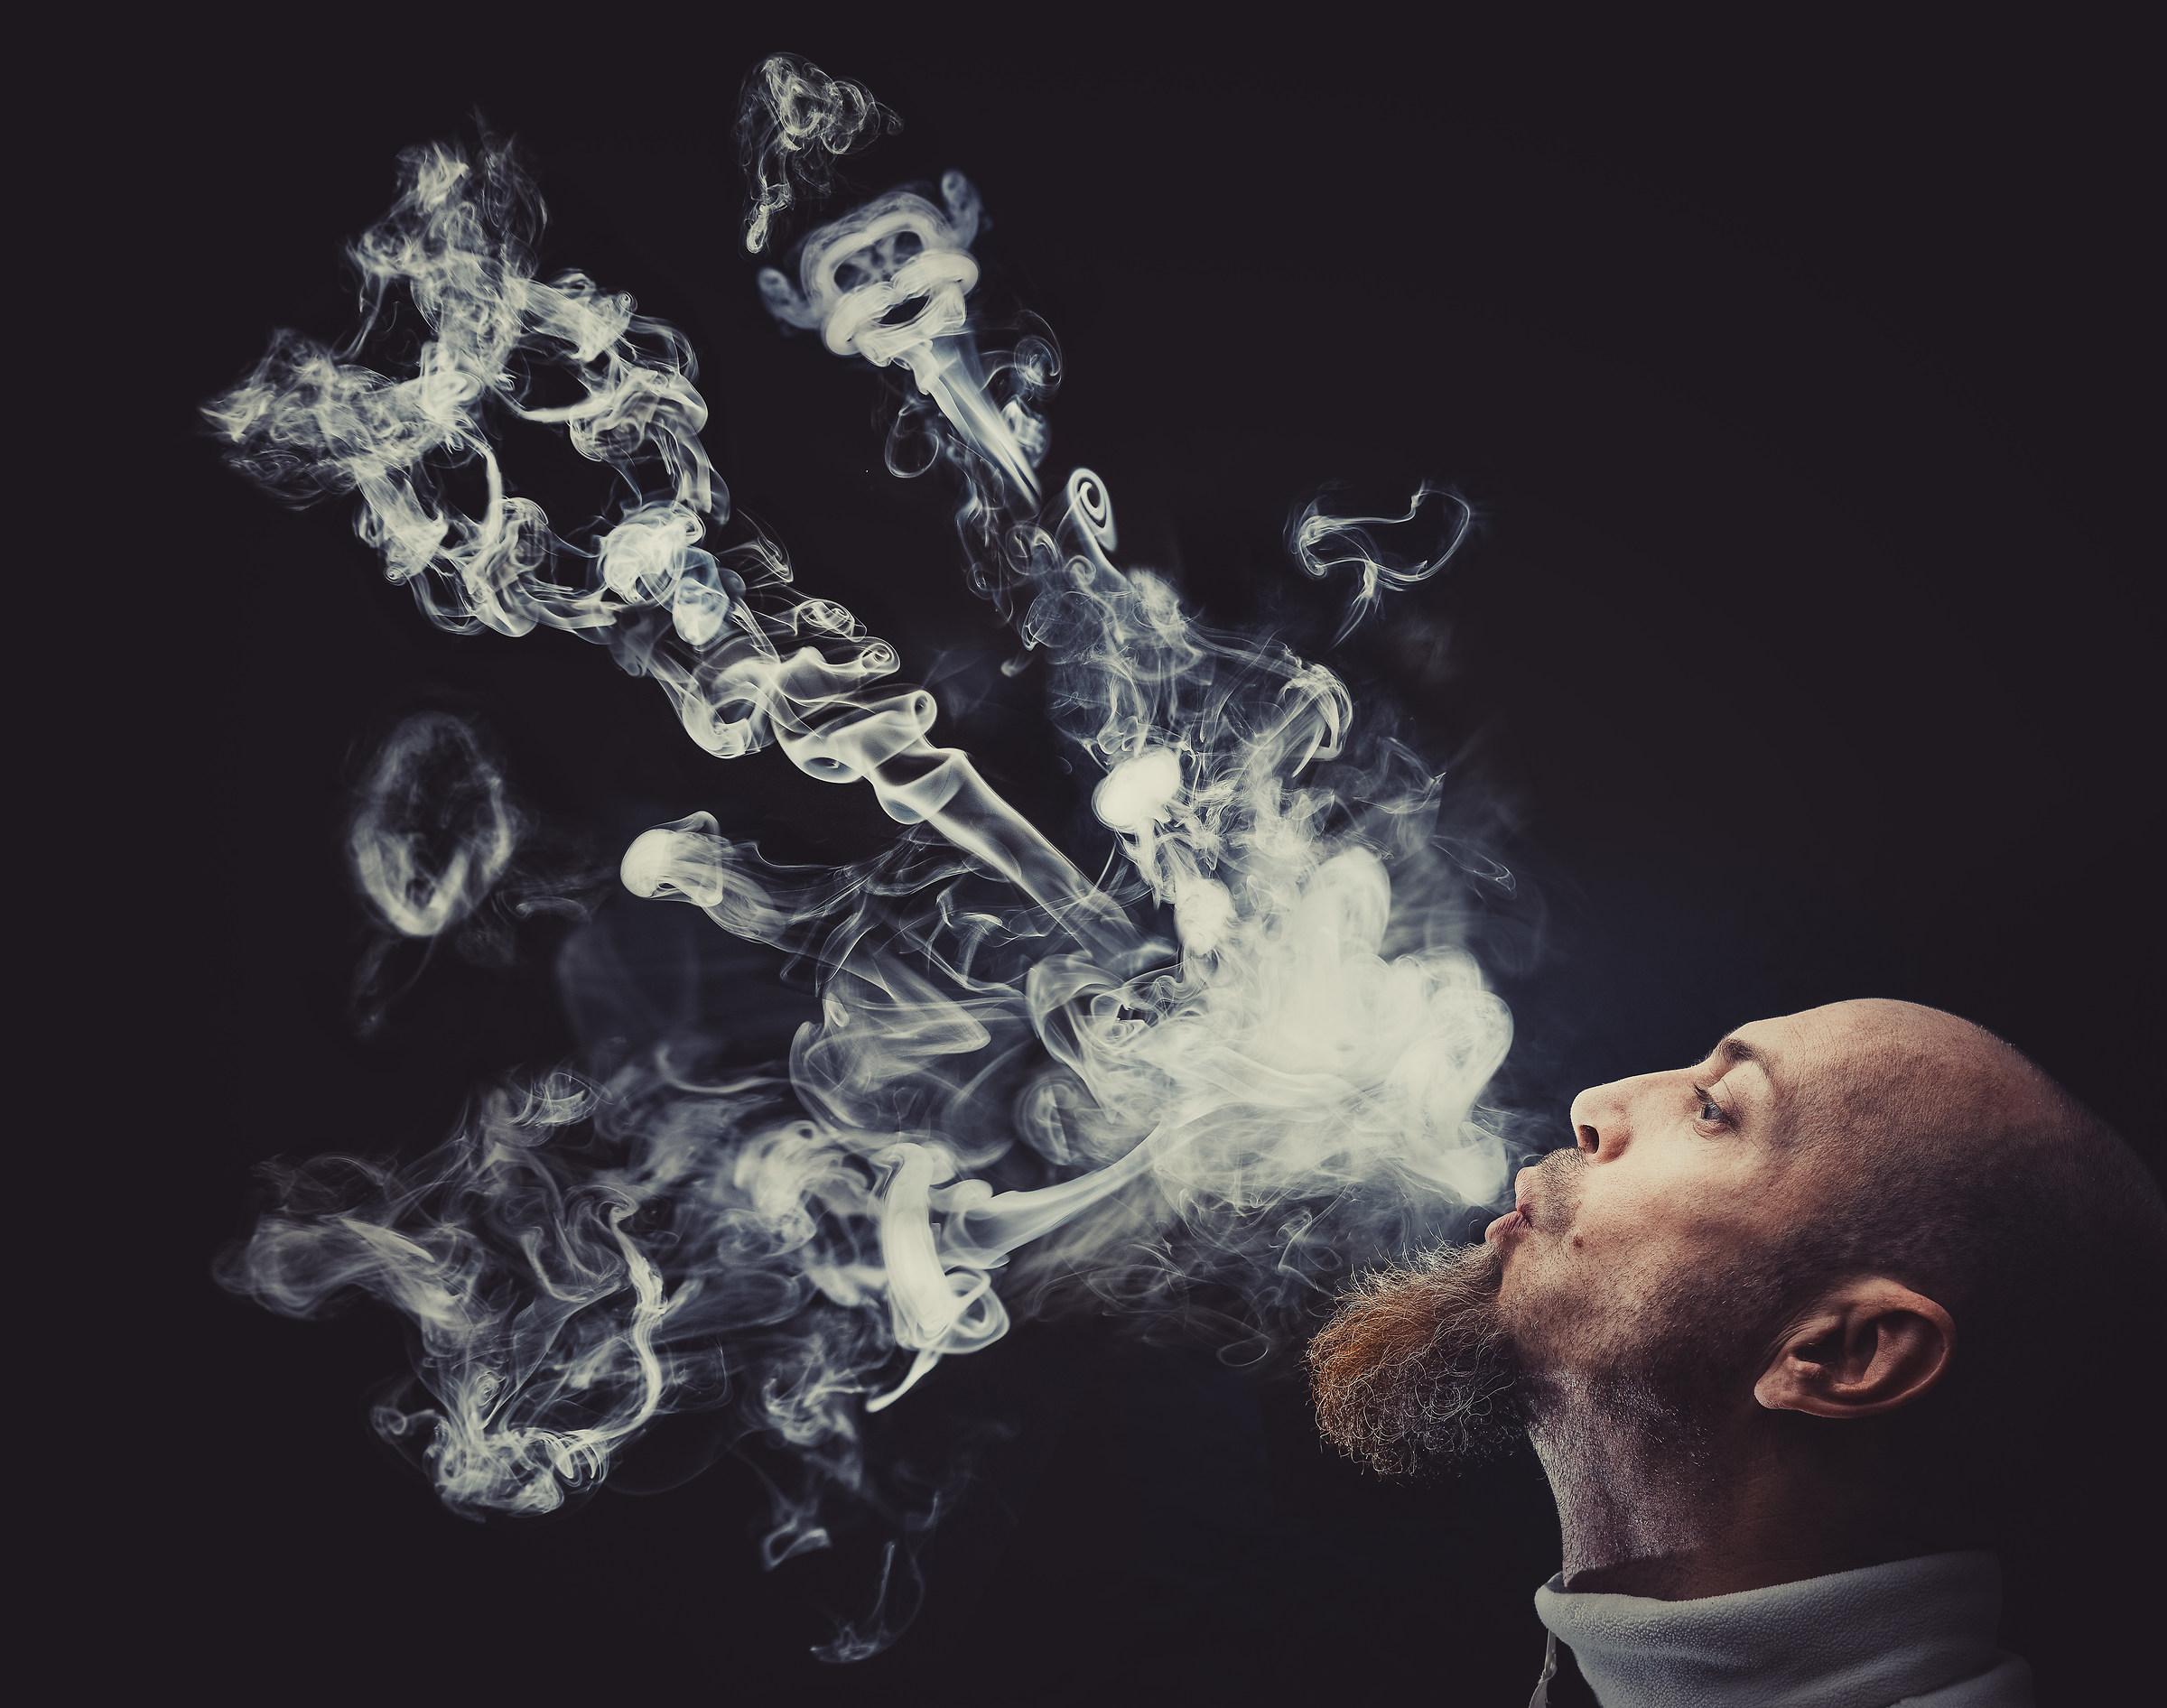 Tutto fumo e niente arrosto...